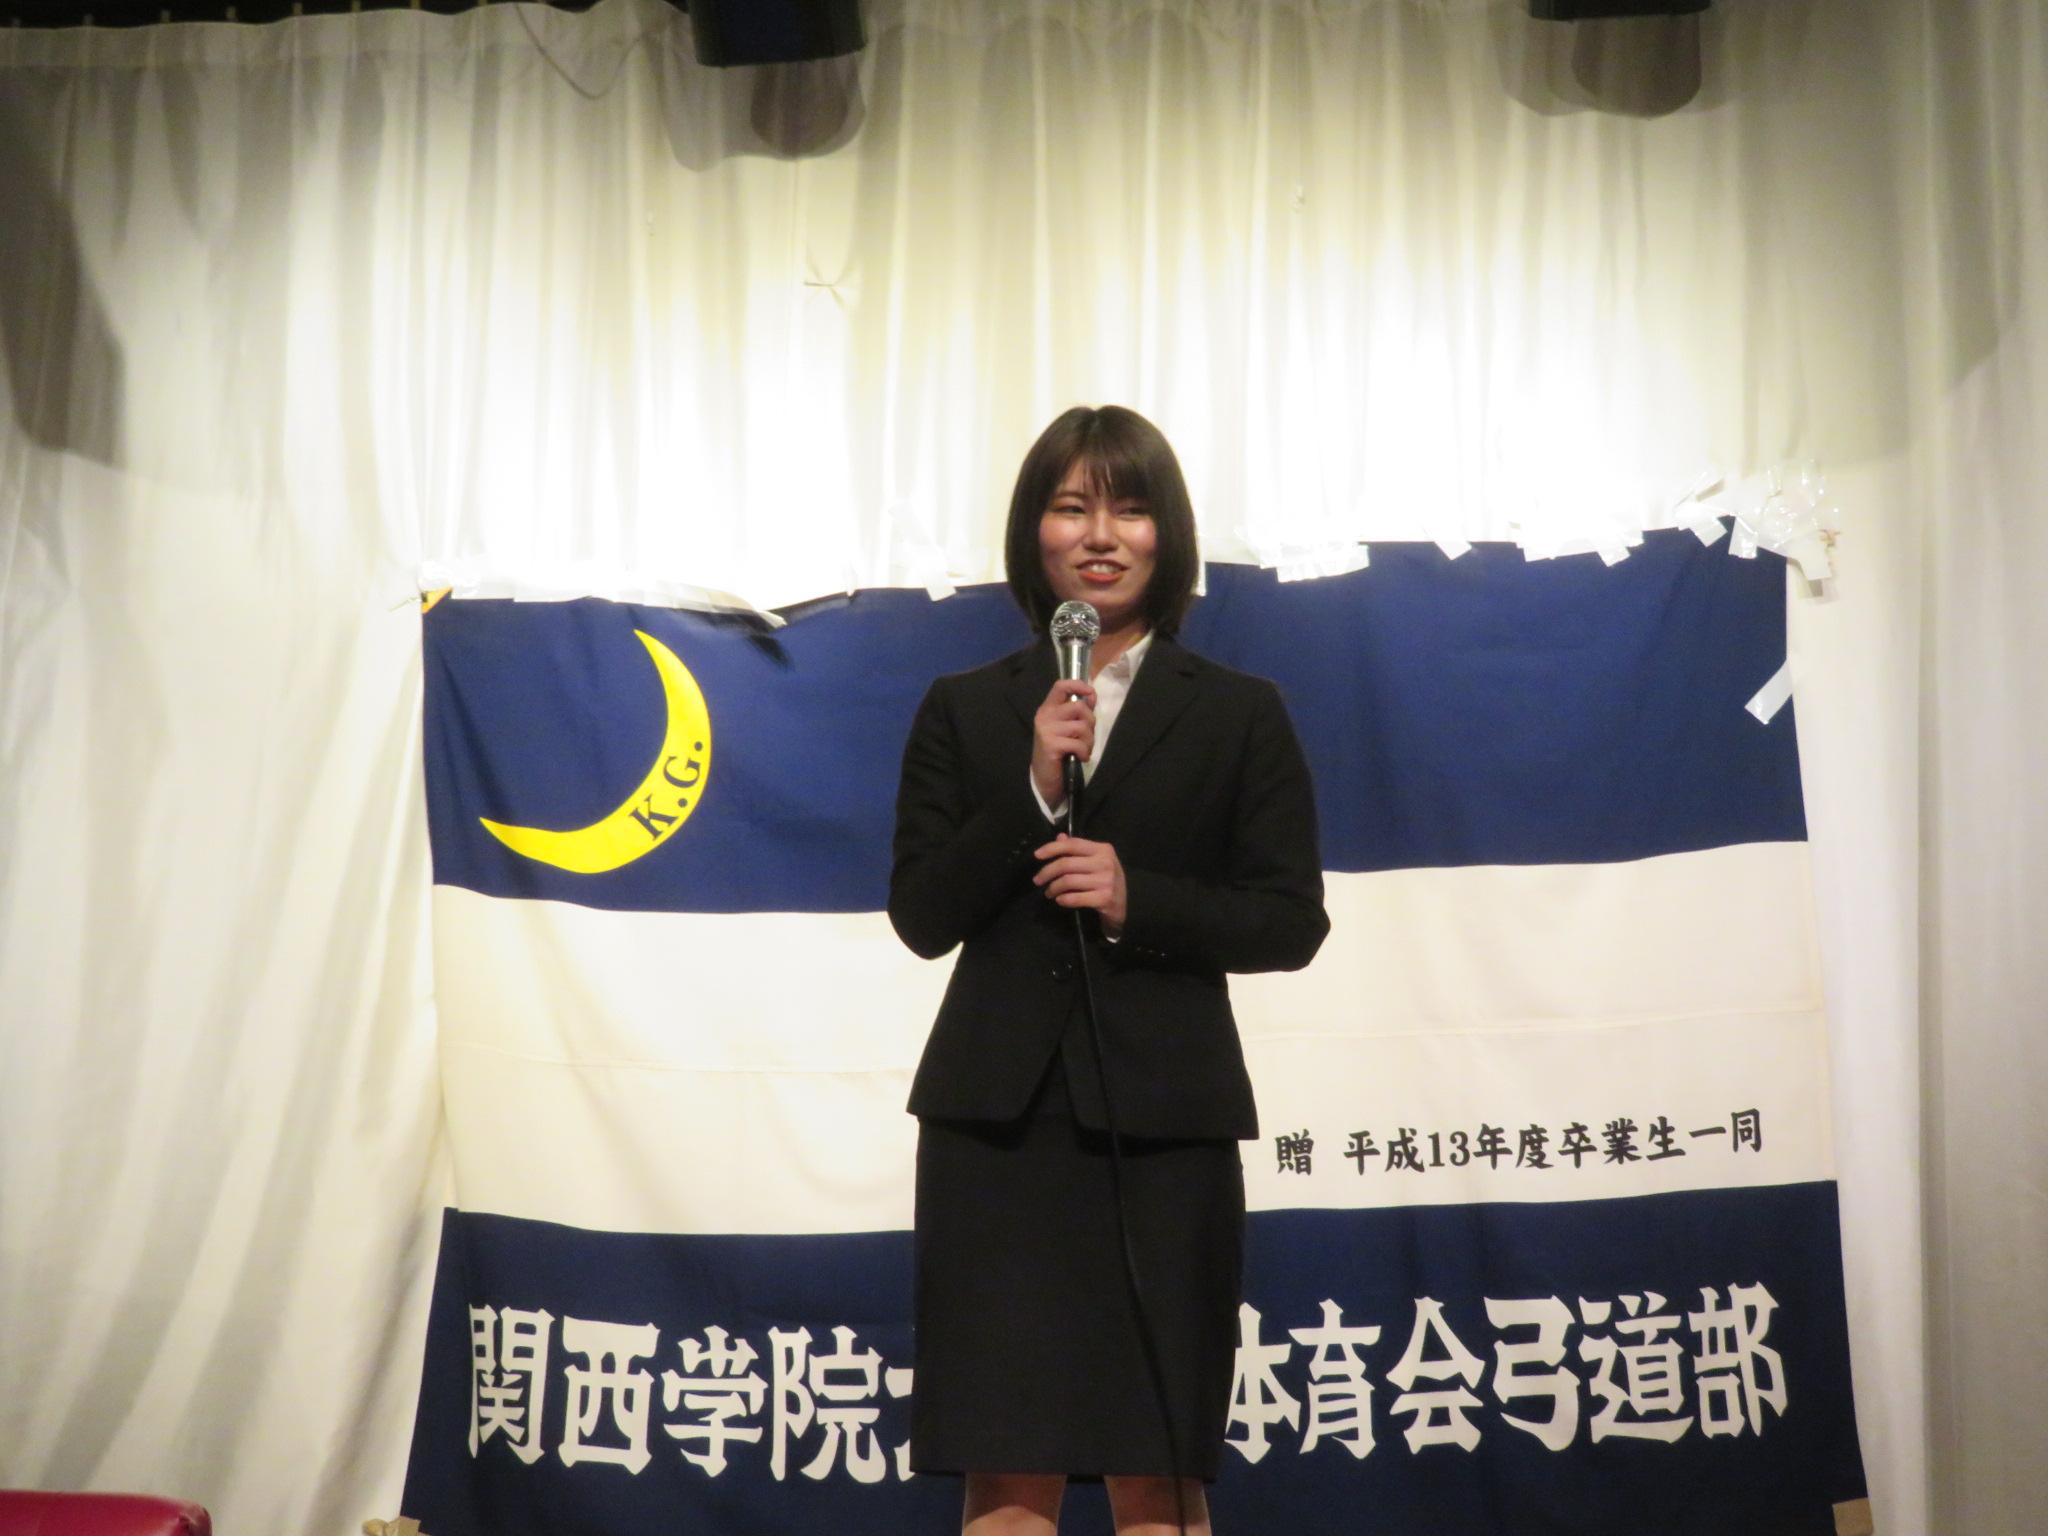 宮本愛子(社会4)お疲れさまでした